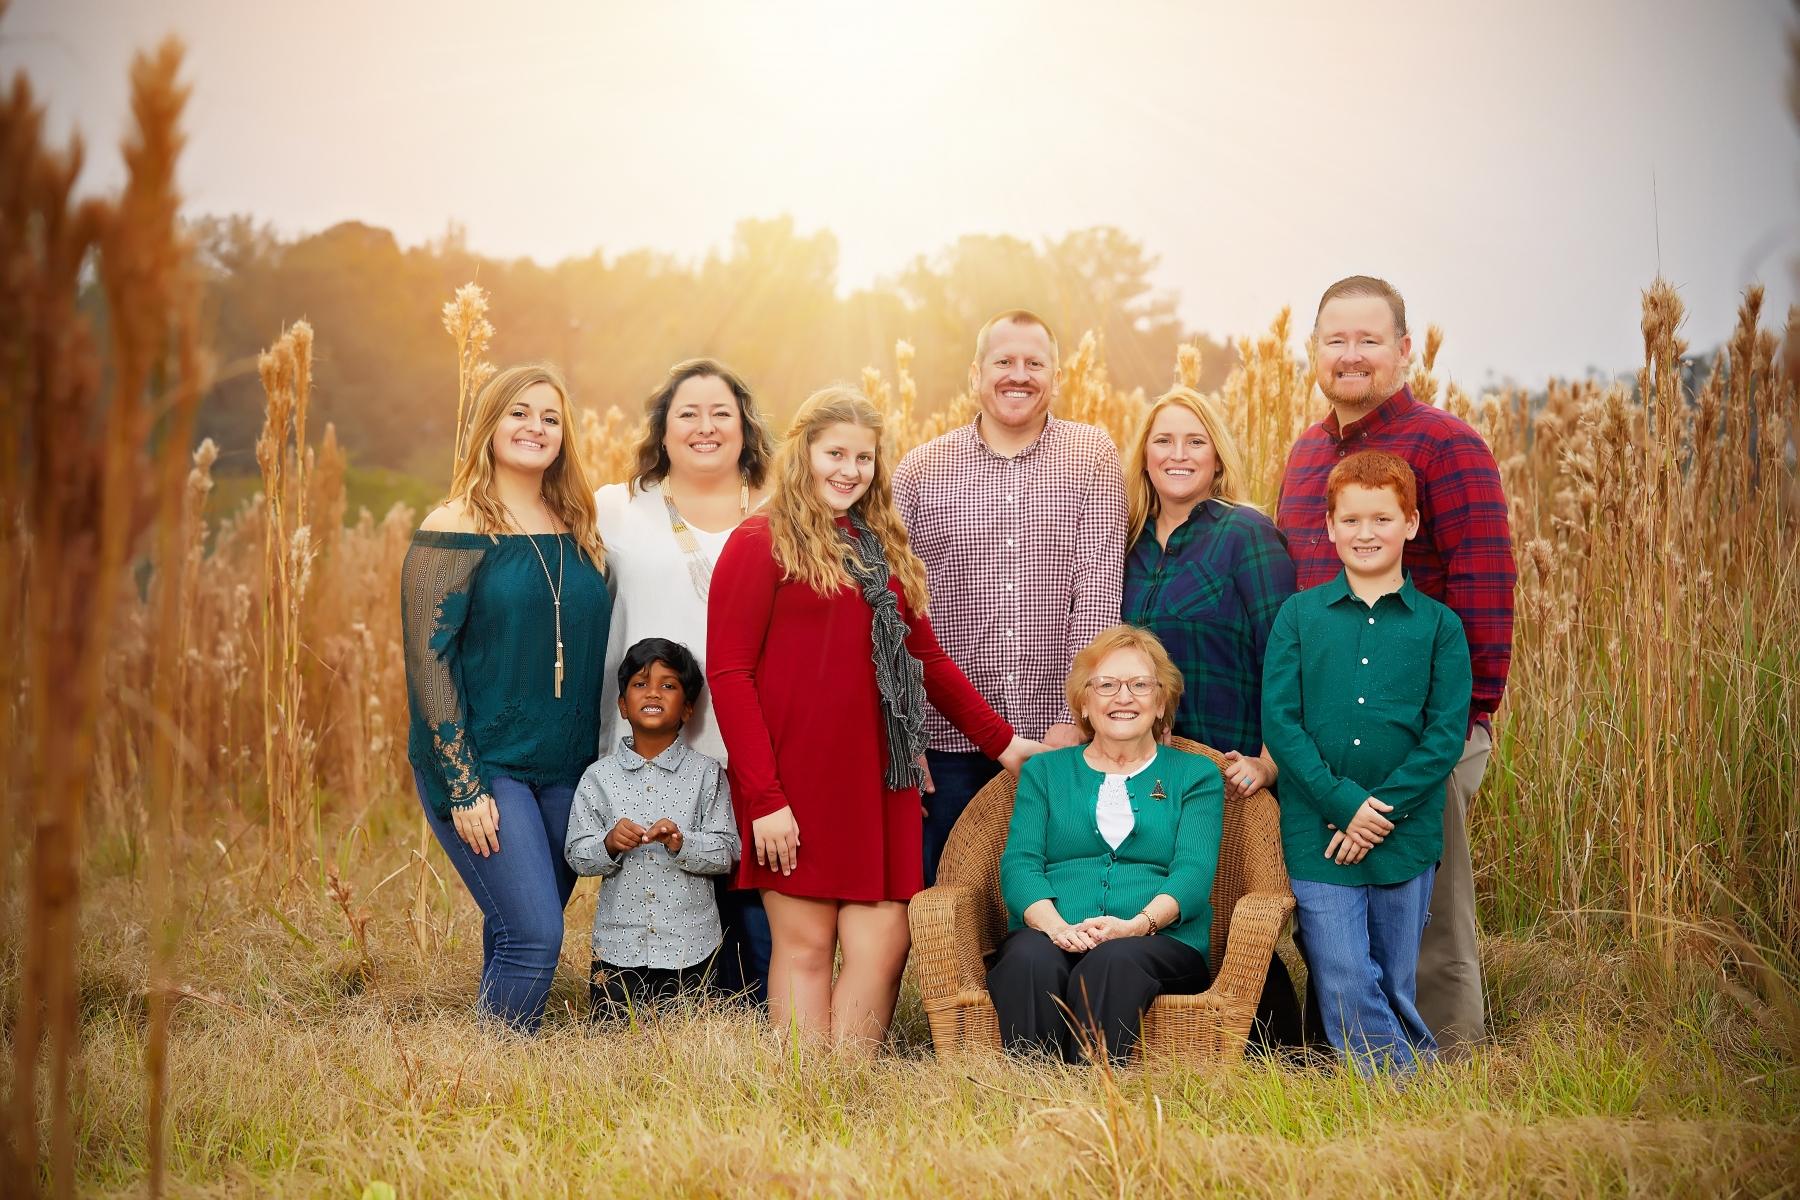 Family Portrait - Jacksonville, FL